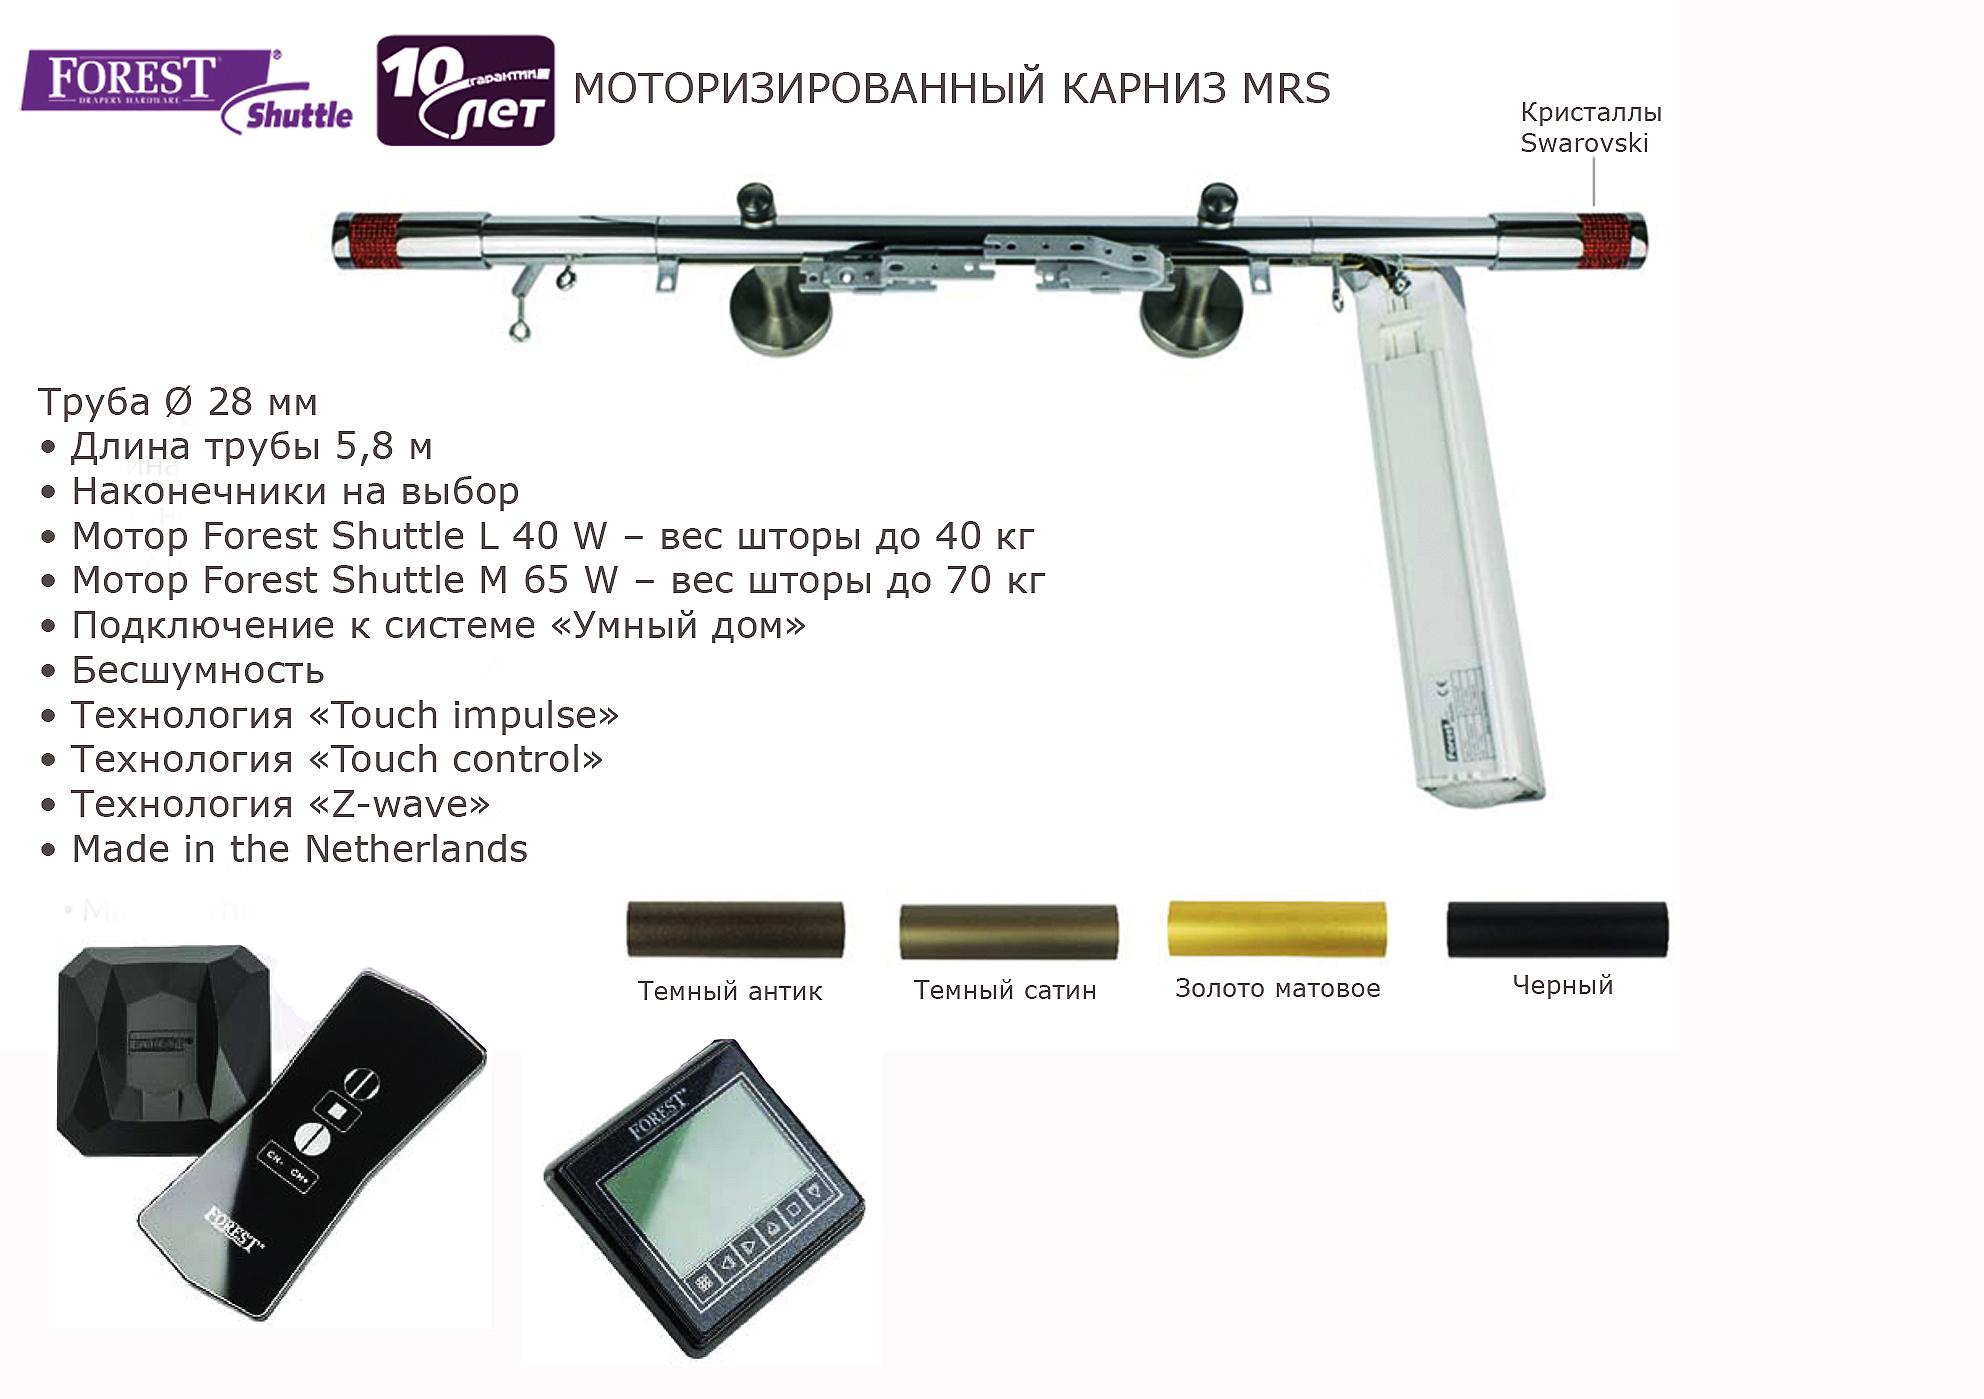 моторизированные карнизы для штор купить в киеве в интернети магазине Euro-karniz.com.ua